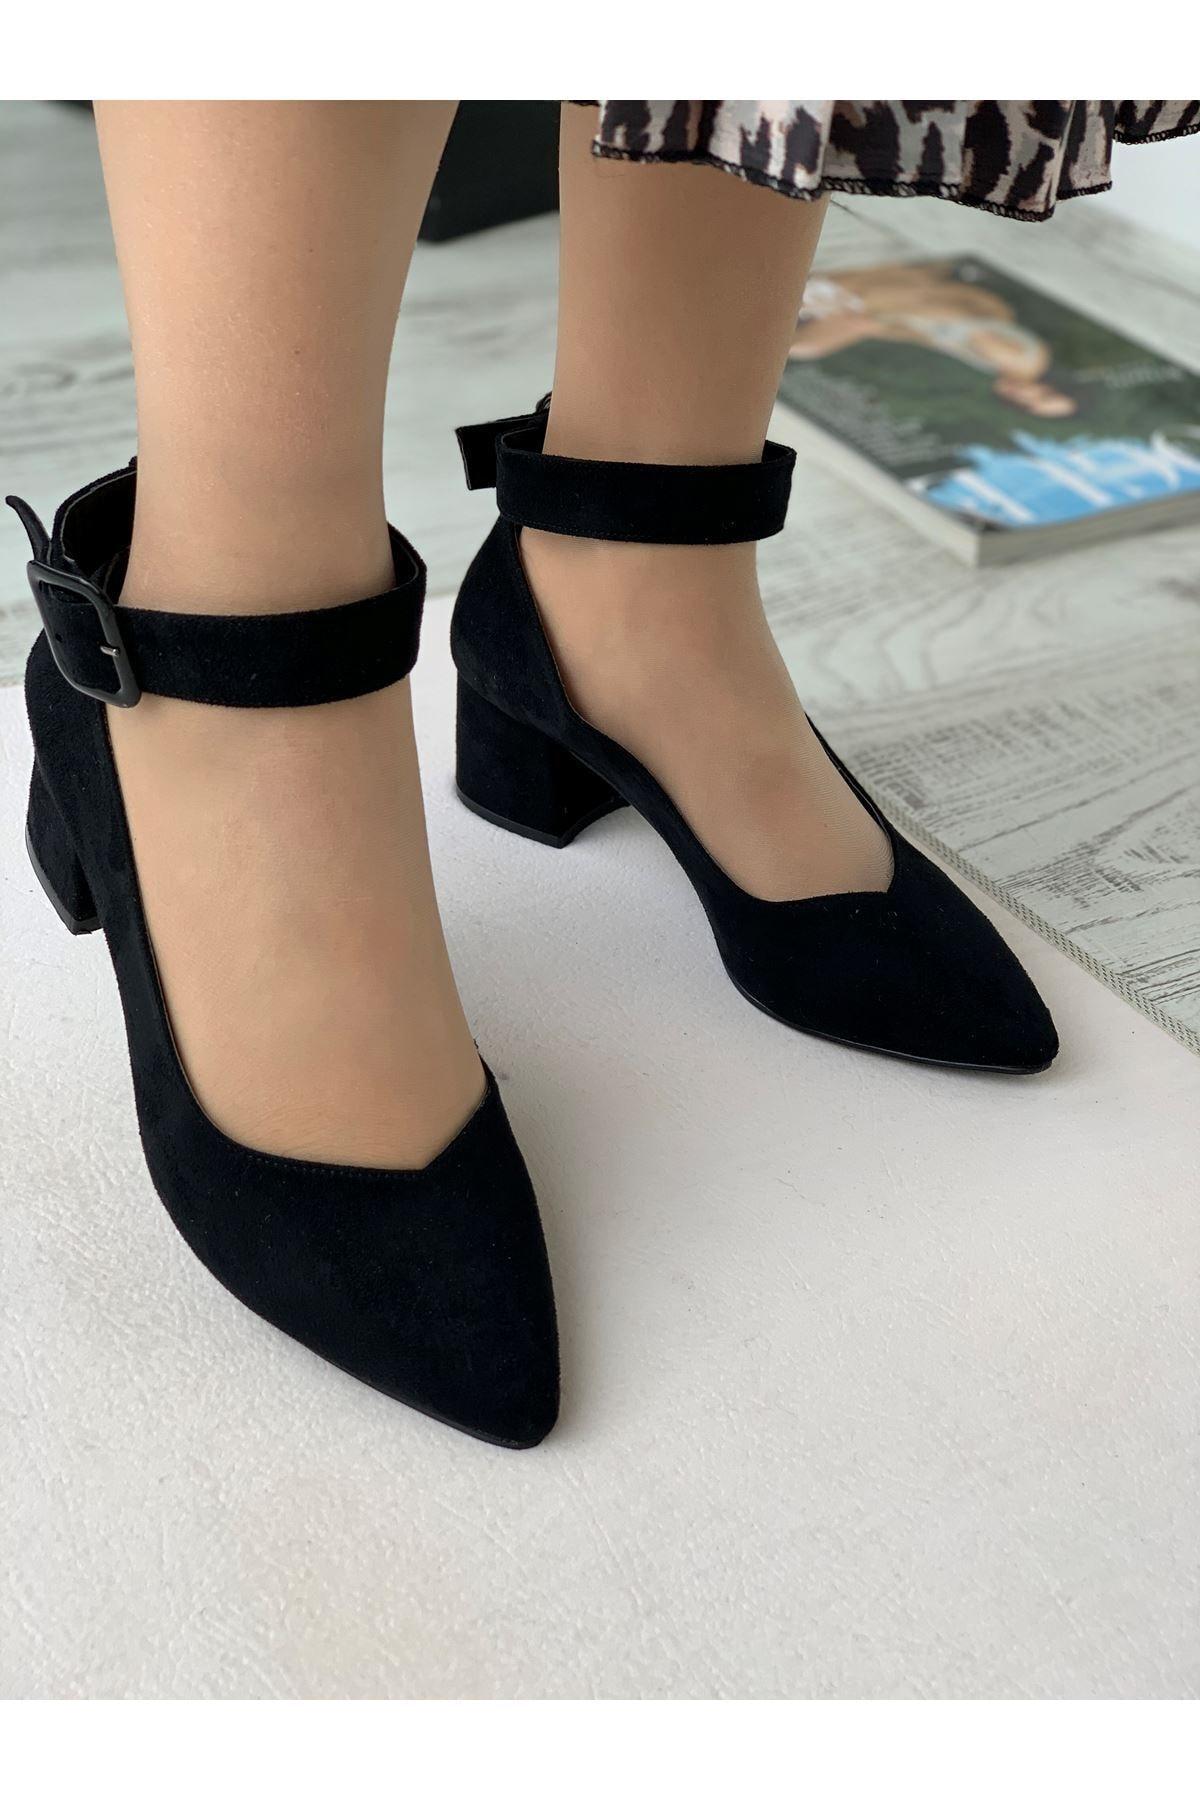 LDÇ Bilekten Kemer Detaylı Kadın Topuklu Ayakkabı-s. Siyah 2